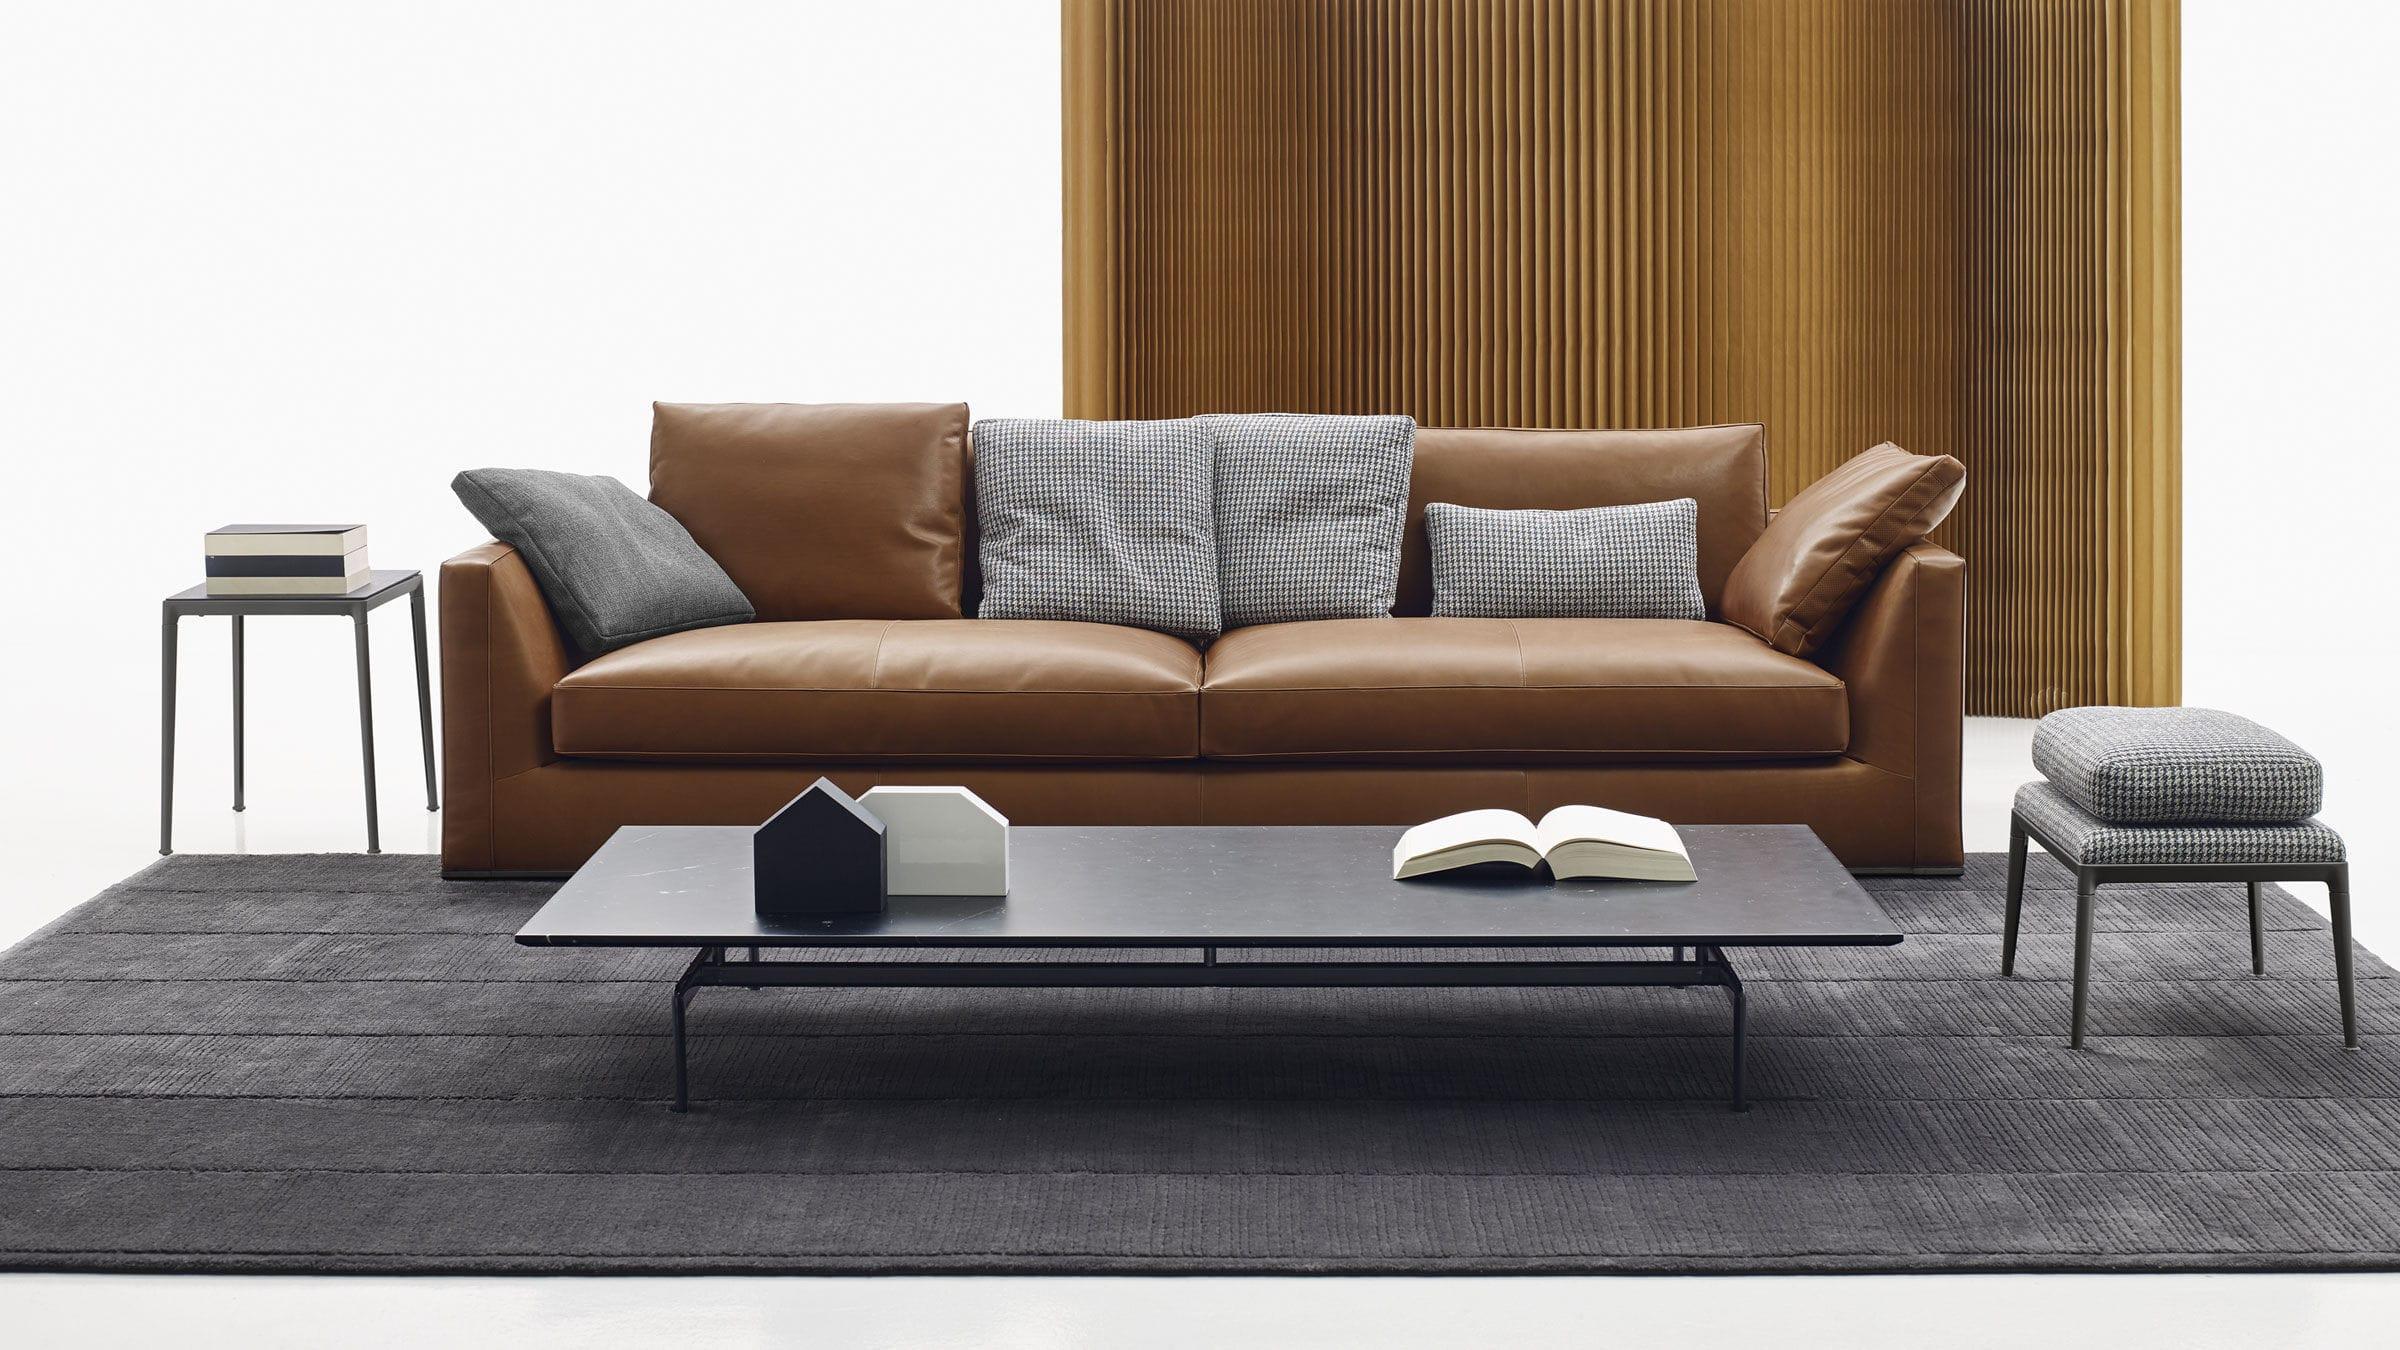 Sofa modern stoff  Modulierbares Sofa / modern / Leder / Stoff - RICHARD - B&B Italia